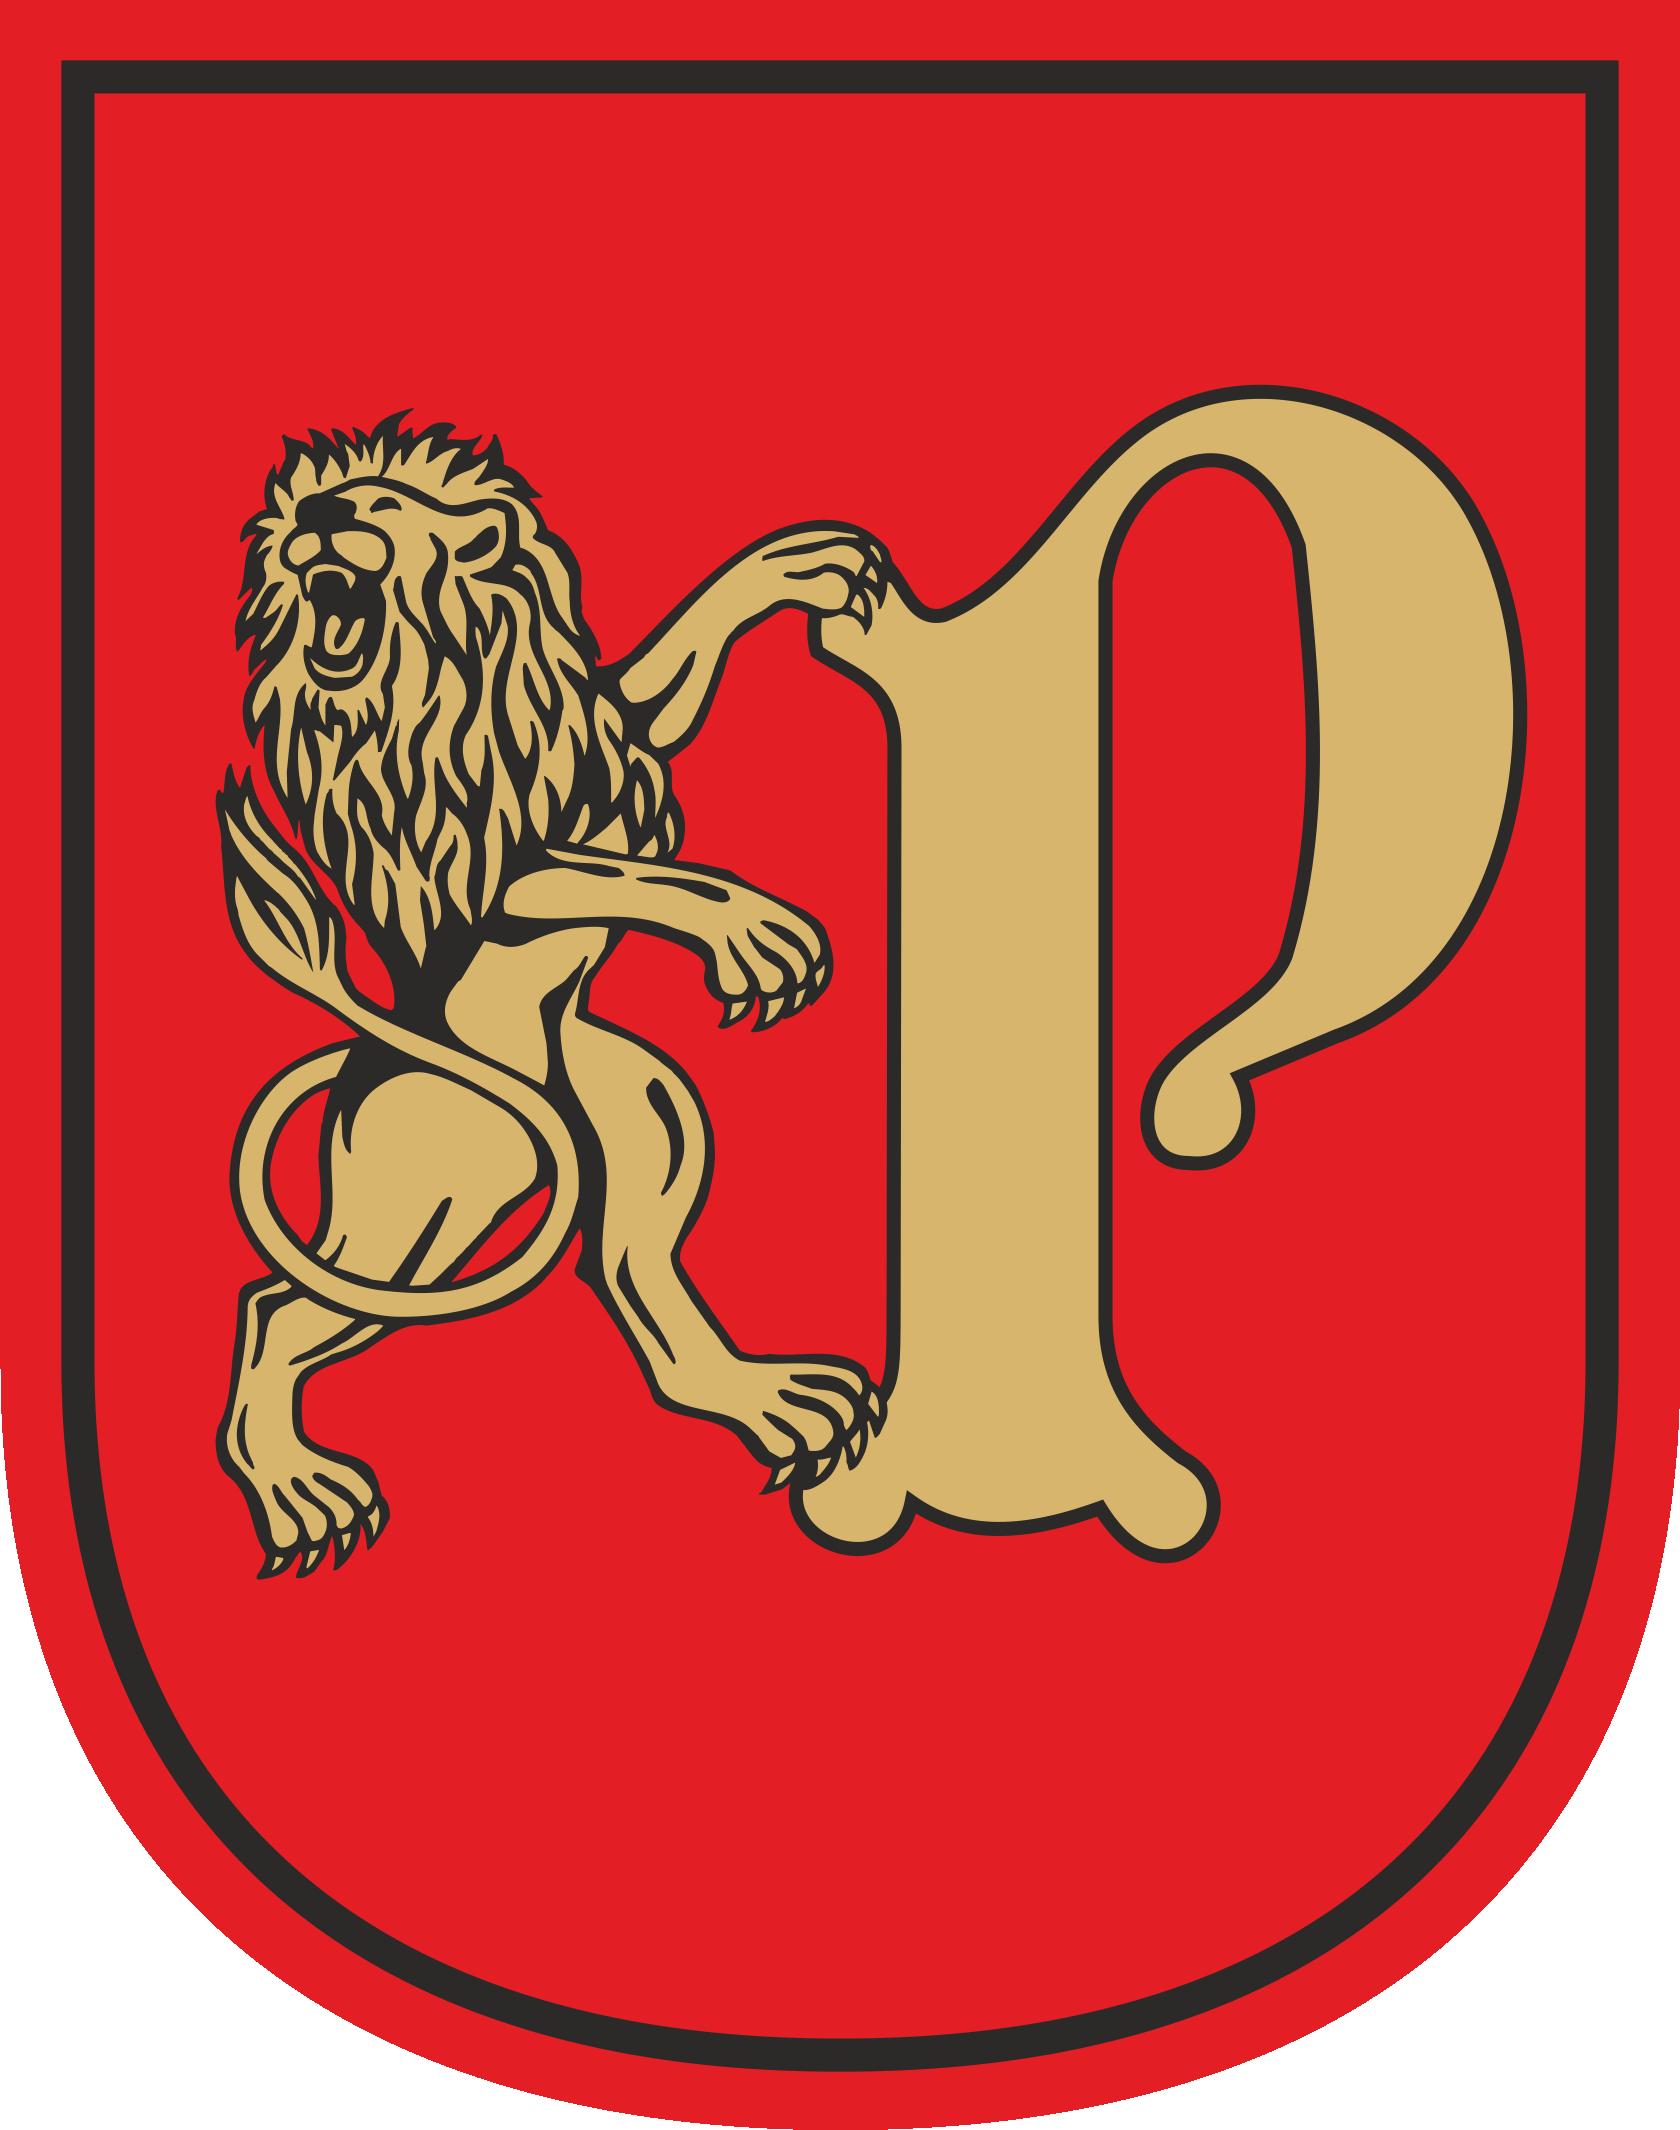 Konsultacje społeczne - Urząd Miasta w Pruszczu Gdańskim